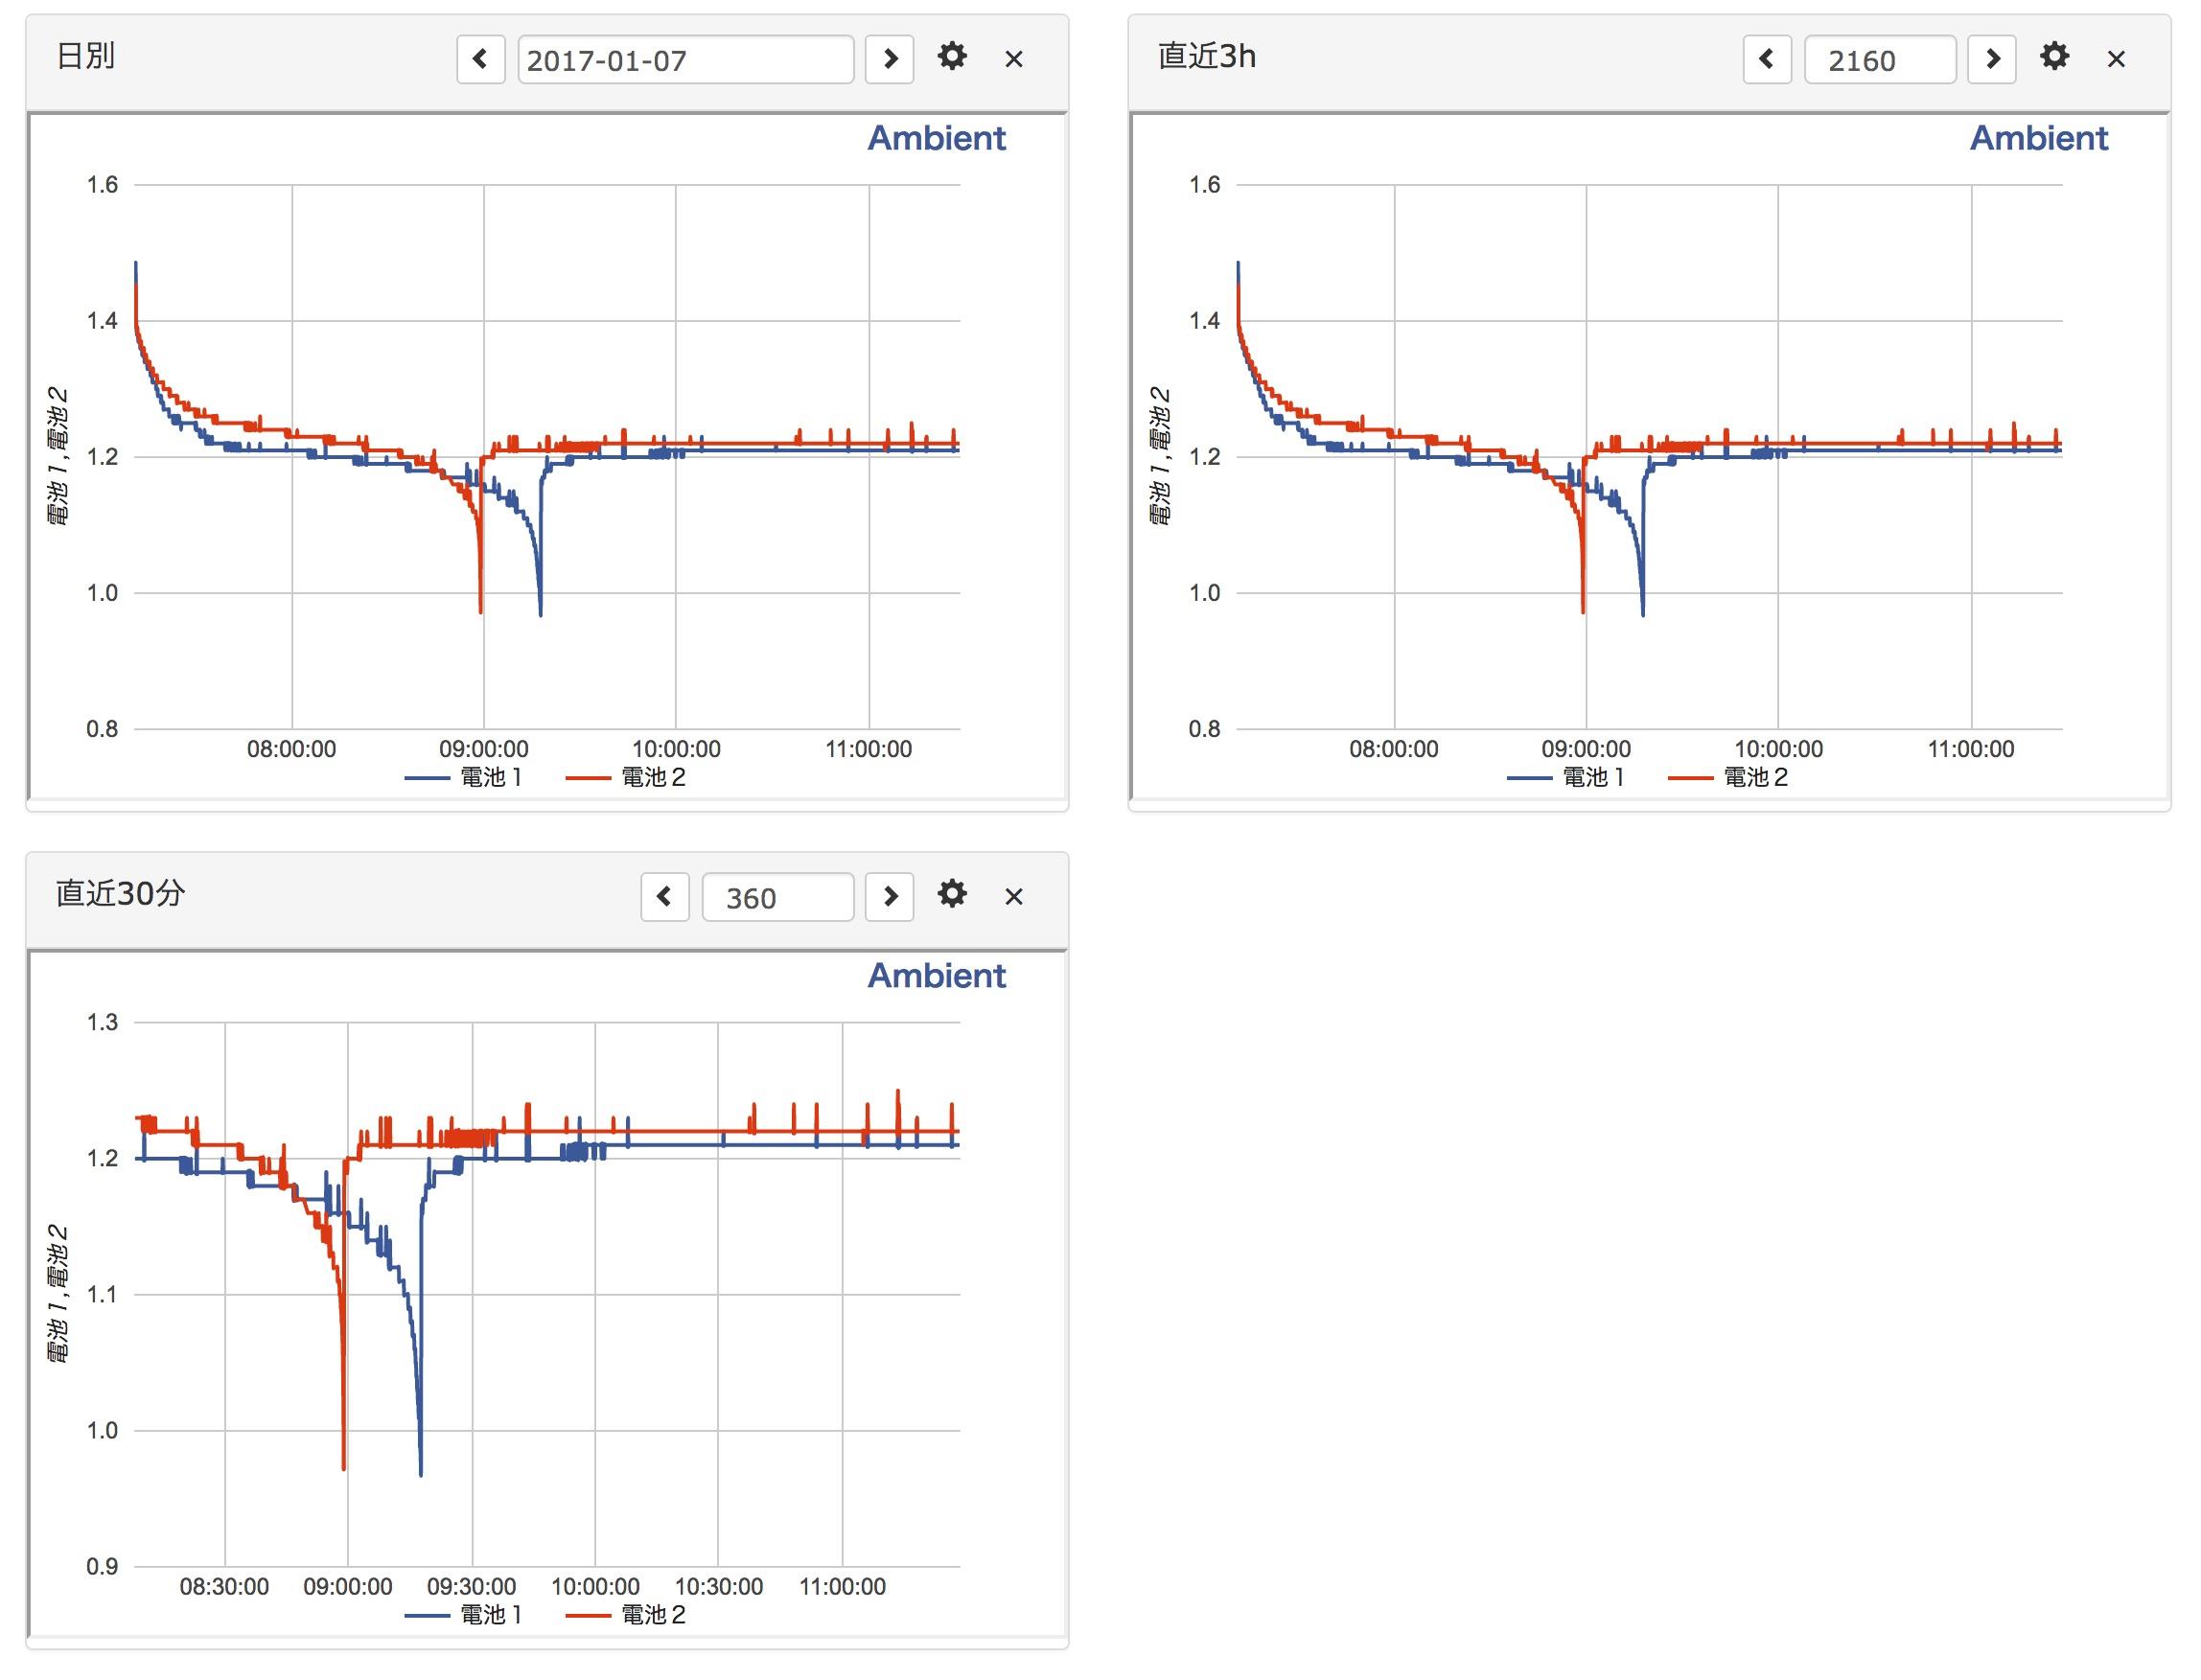 手元のeneloopを比較.jpg (305.5 kB)